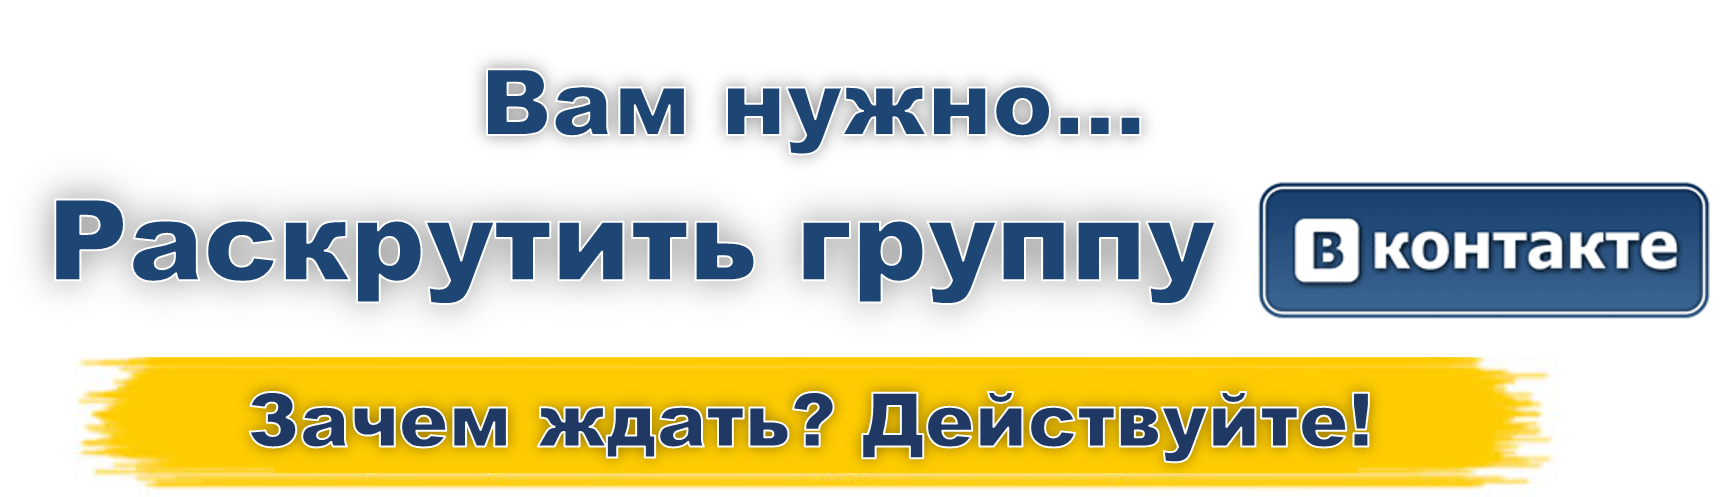 Картинка для раскрутки группы вконтакте